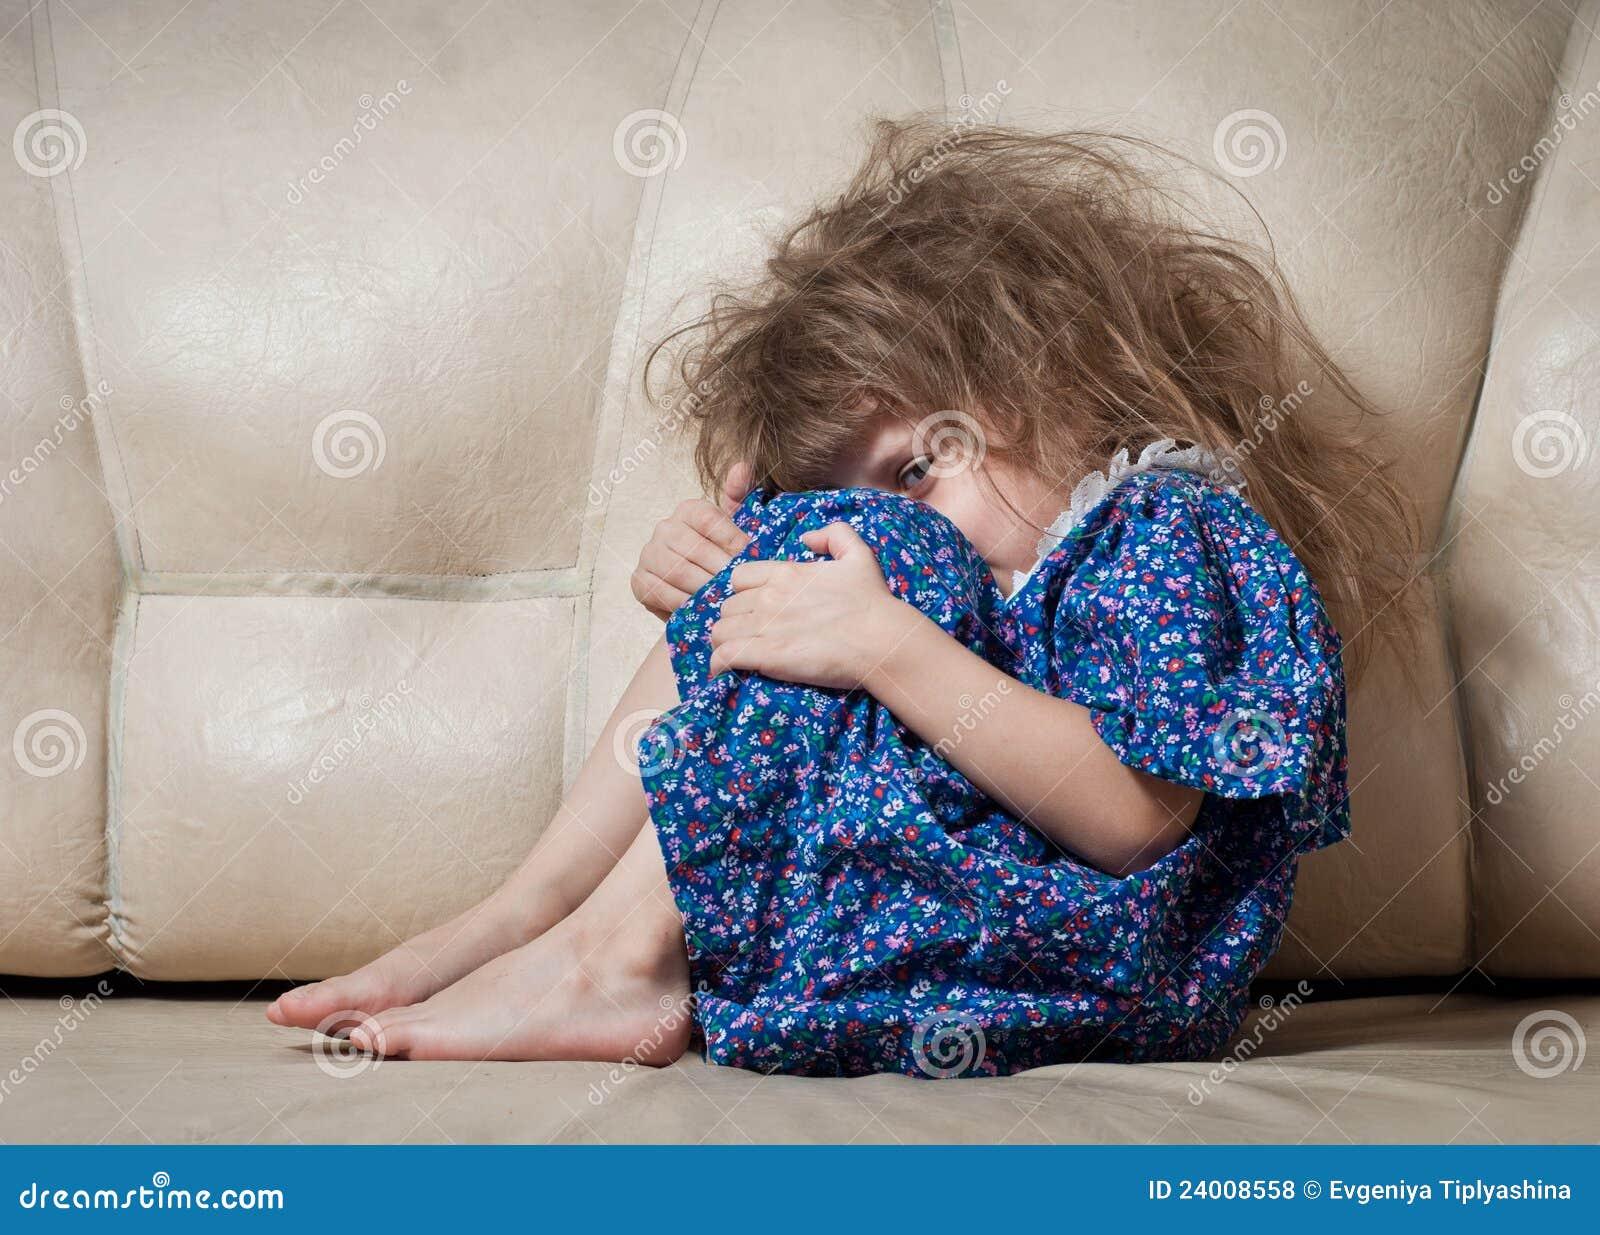 Трахал маленькую девку 24 фотография